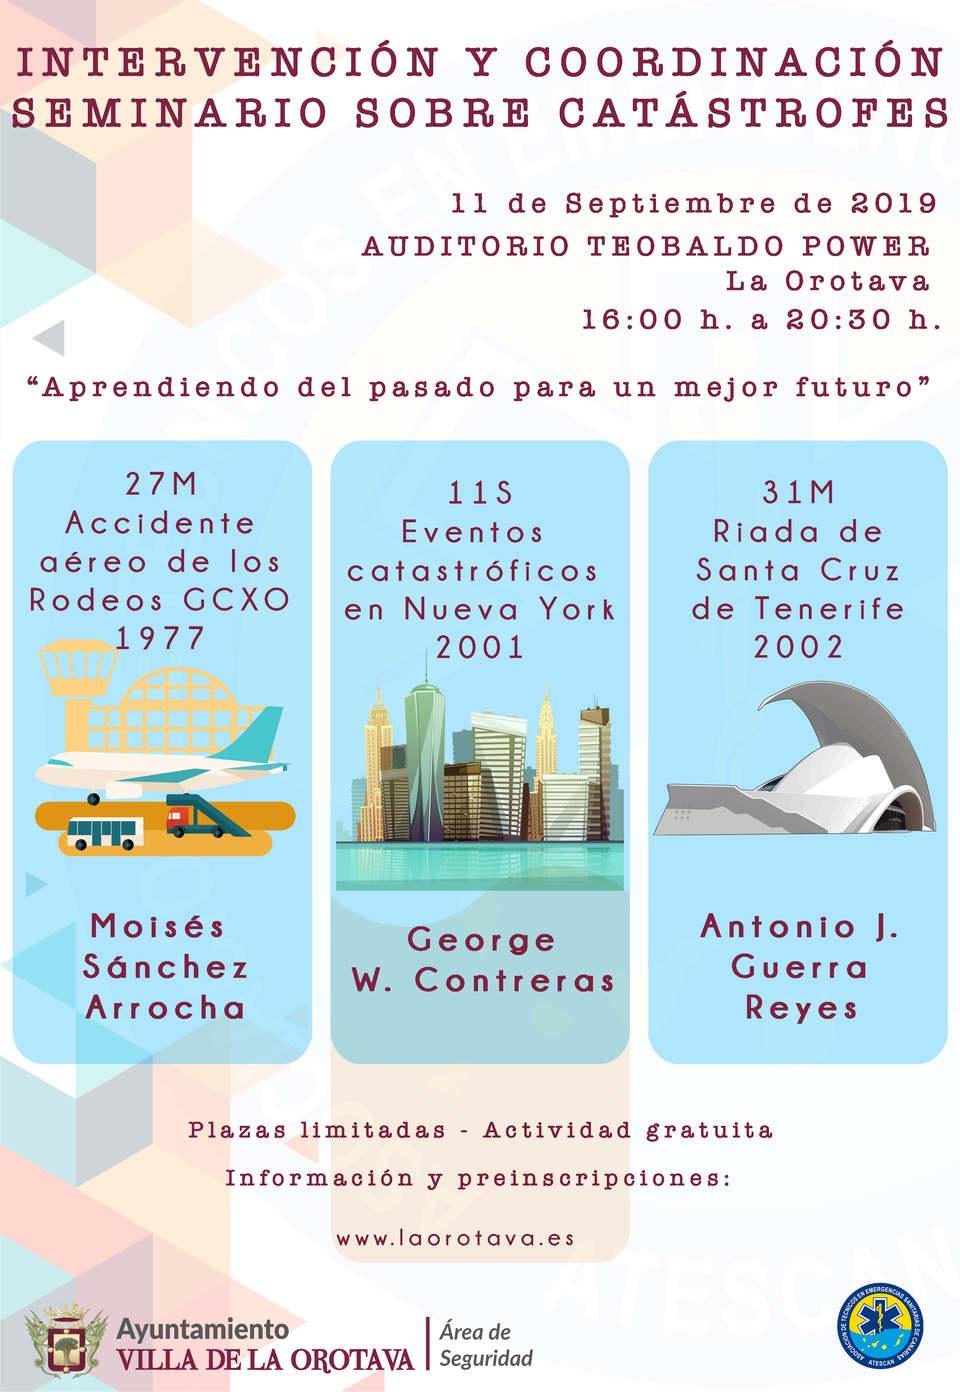 Seminario sobre catástrofes en  La Orotava